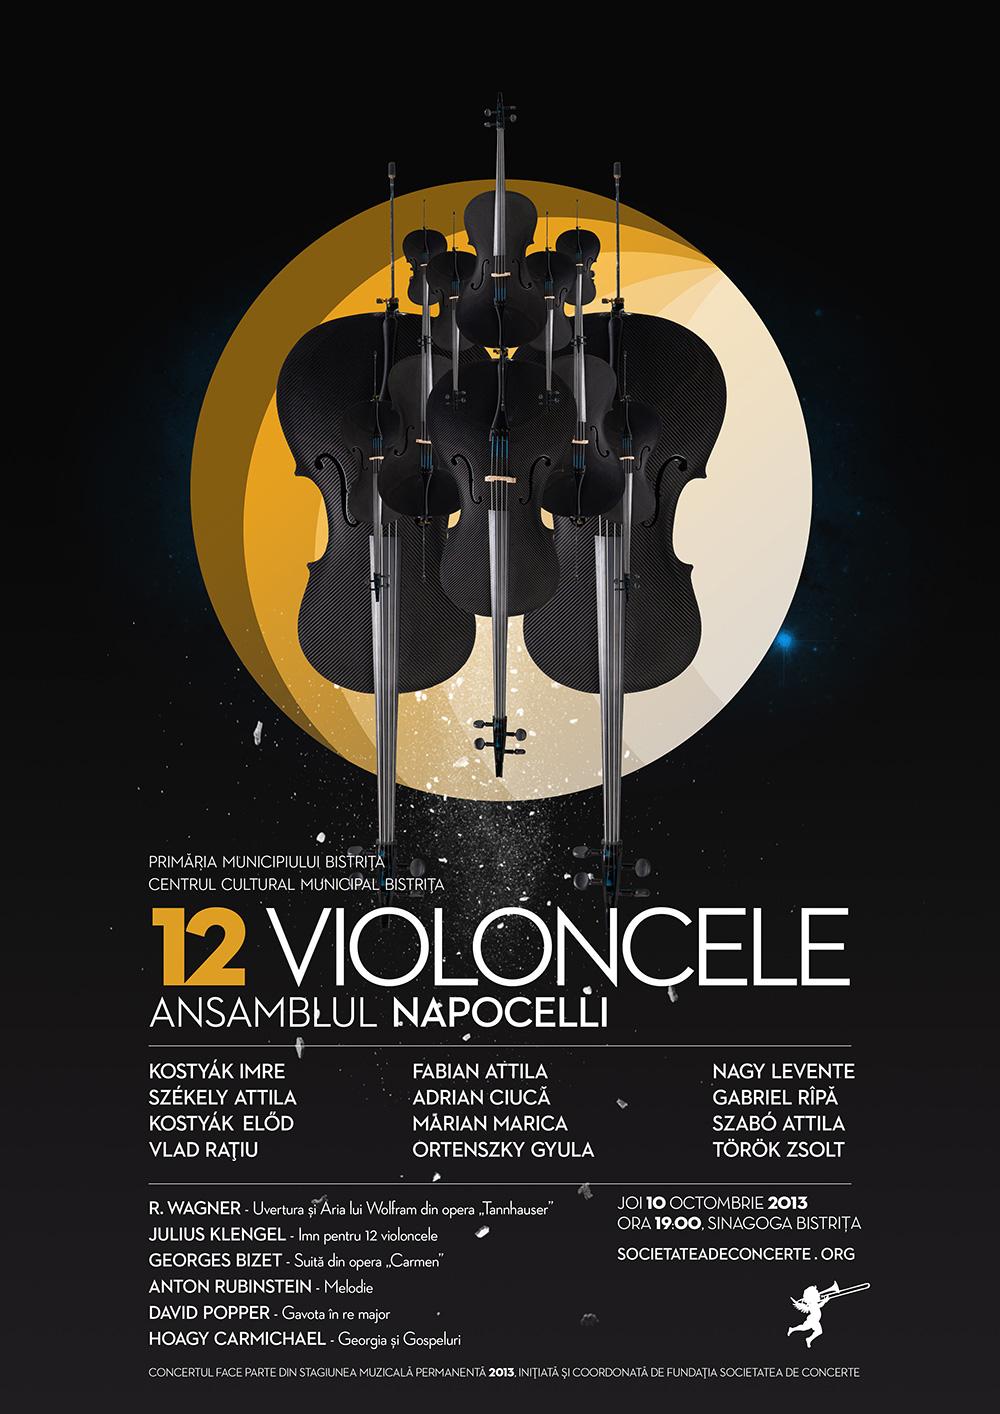 poster_12_violoncele_2013_web